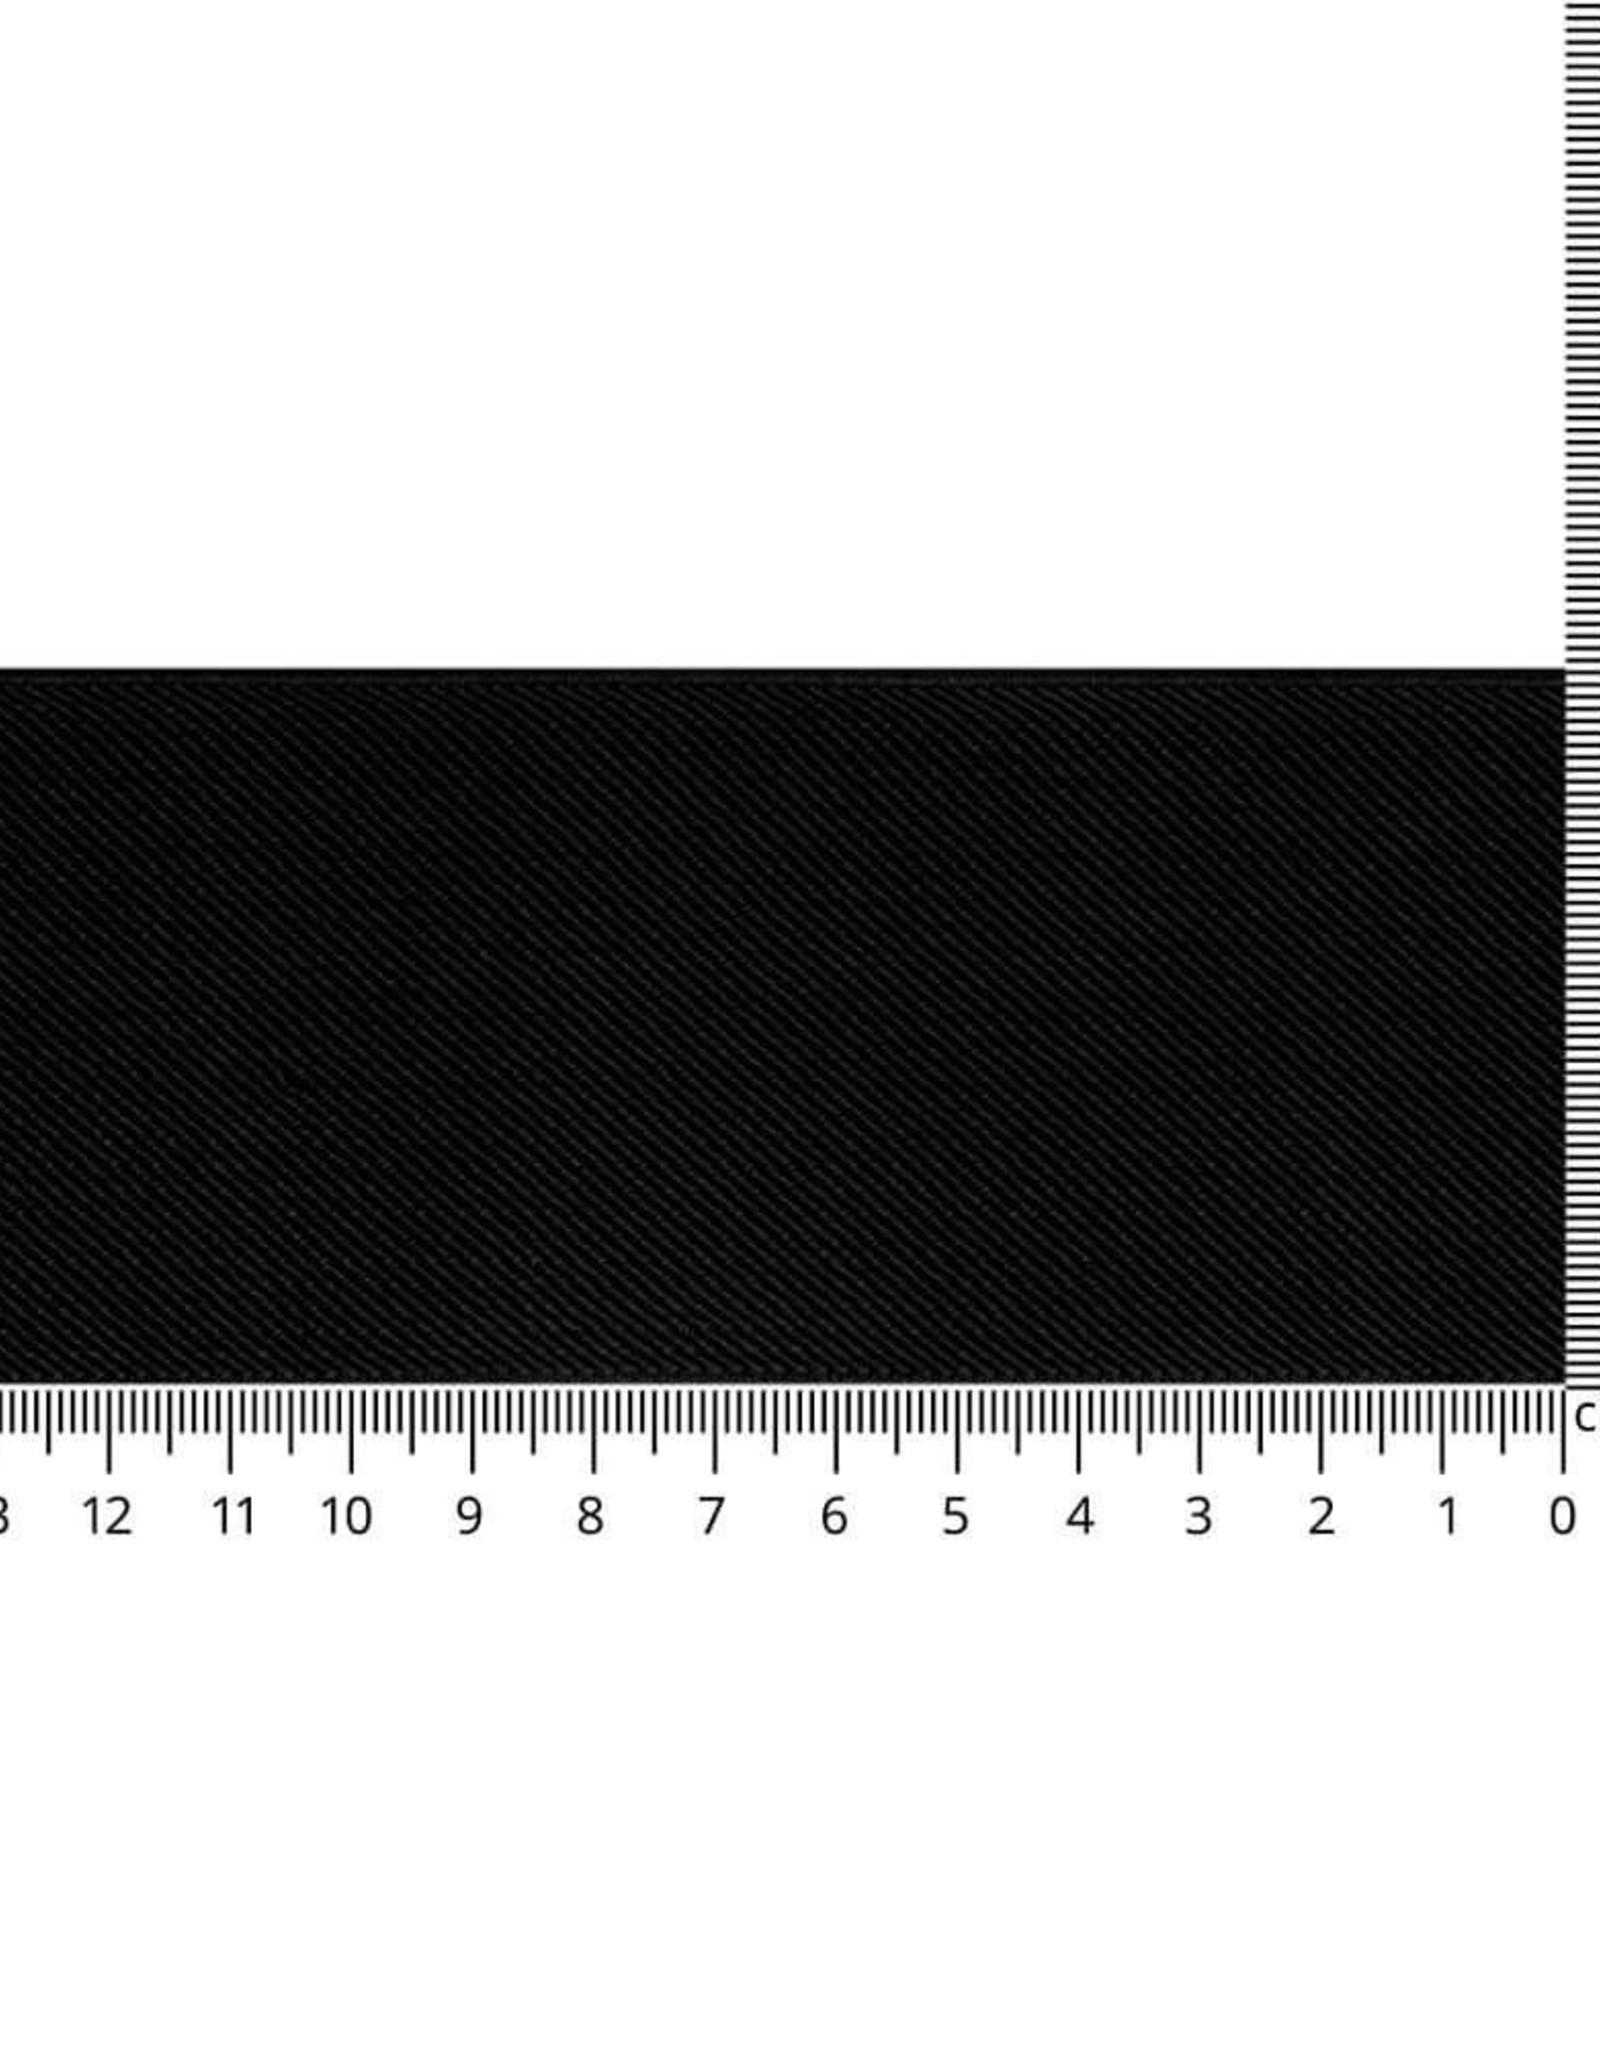 Elastiek schuin geweven zwart 60mm